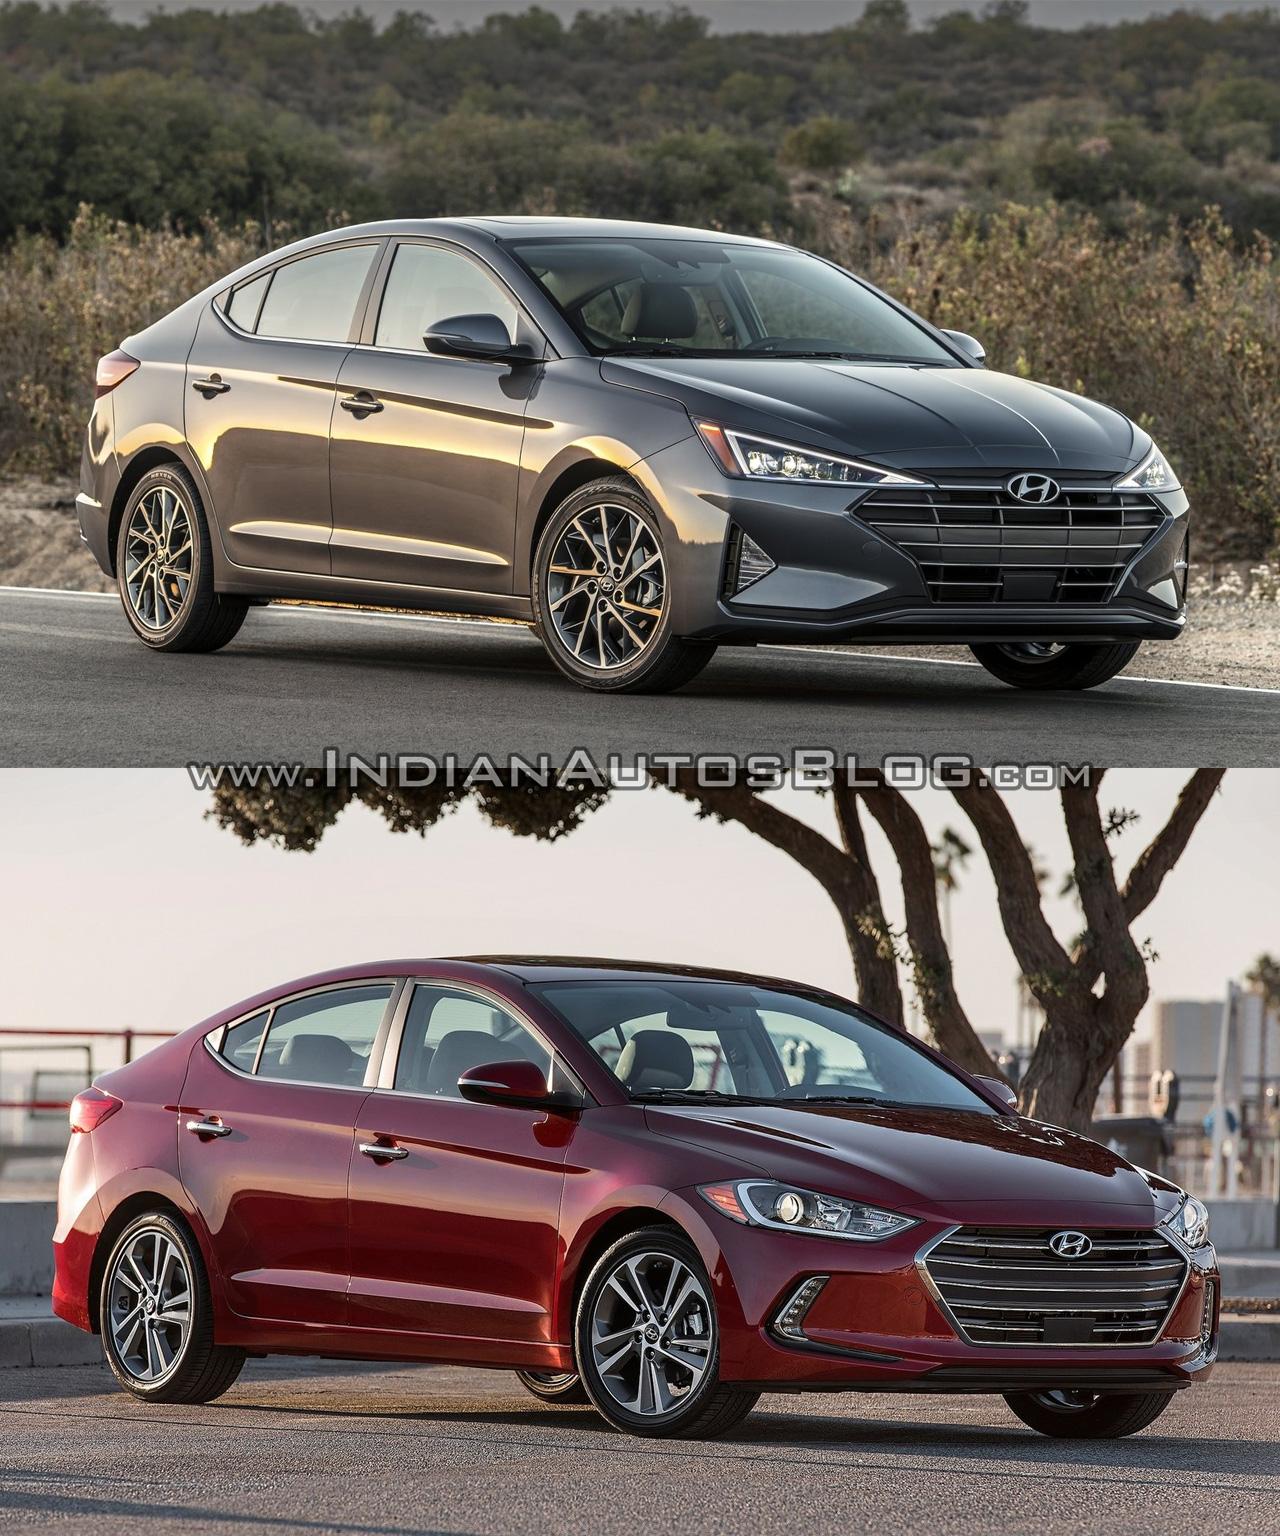 2019 Hyundai Elantra Vs 2016 Hyundai Elantra Exterior Interior Amp Specs